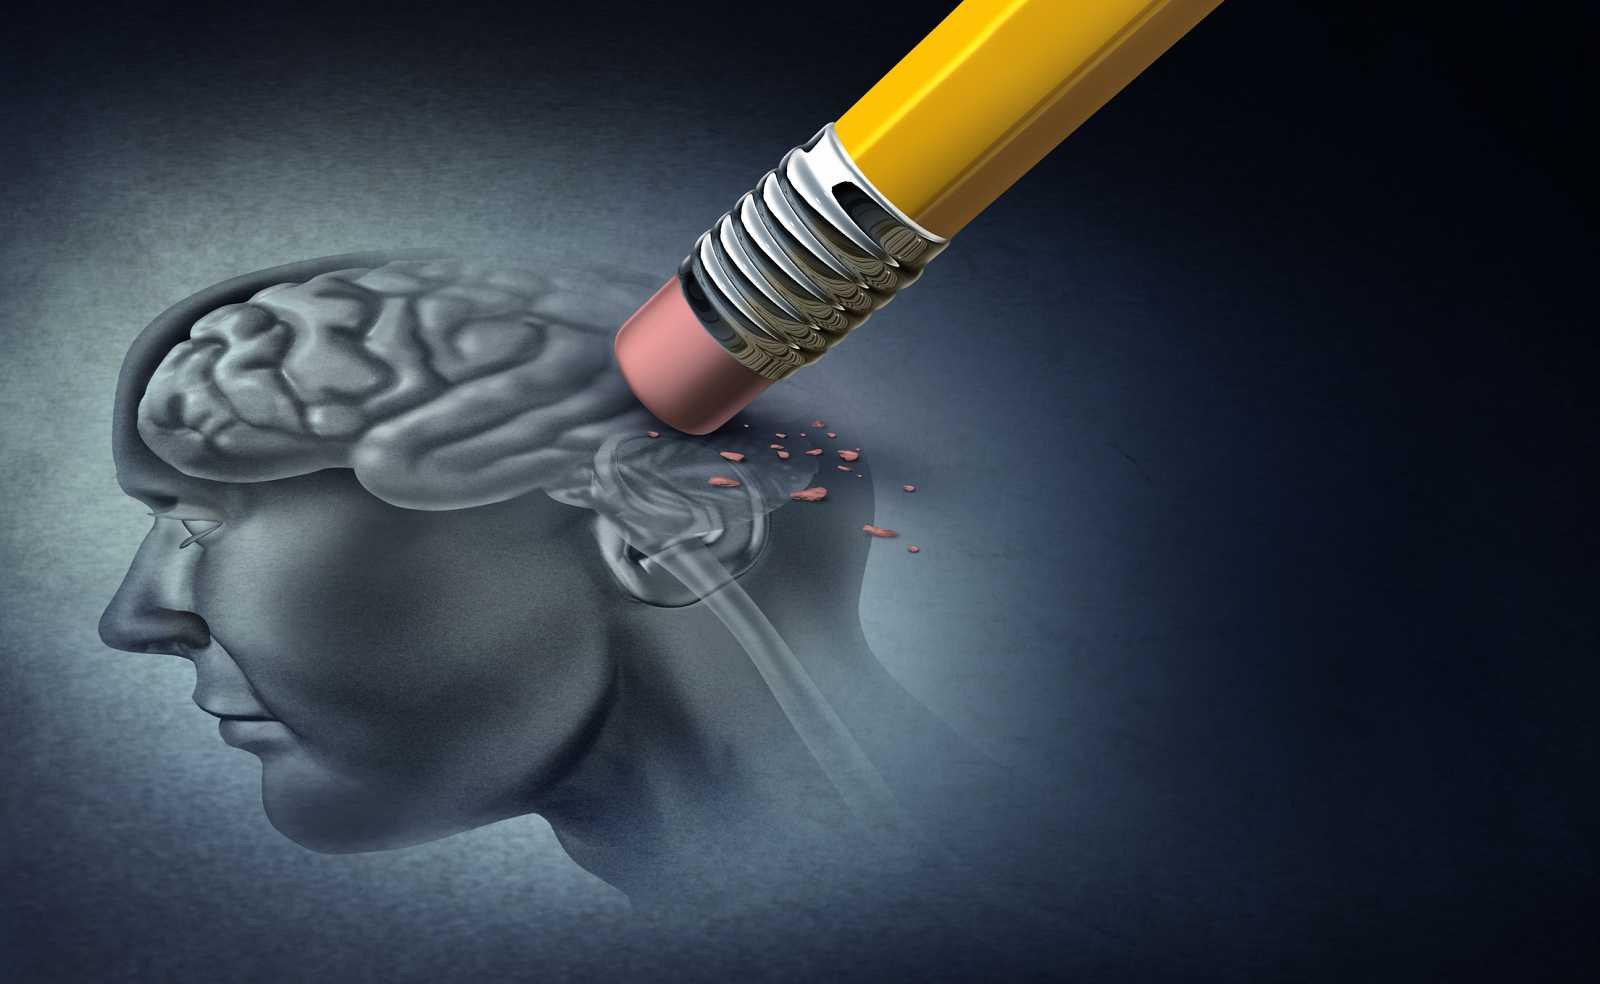 Cuaderno mayor - La investigación sobre Alzhéimer sigue avanzando - 20/09/20 - Escuchar ahora